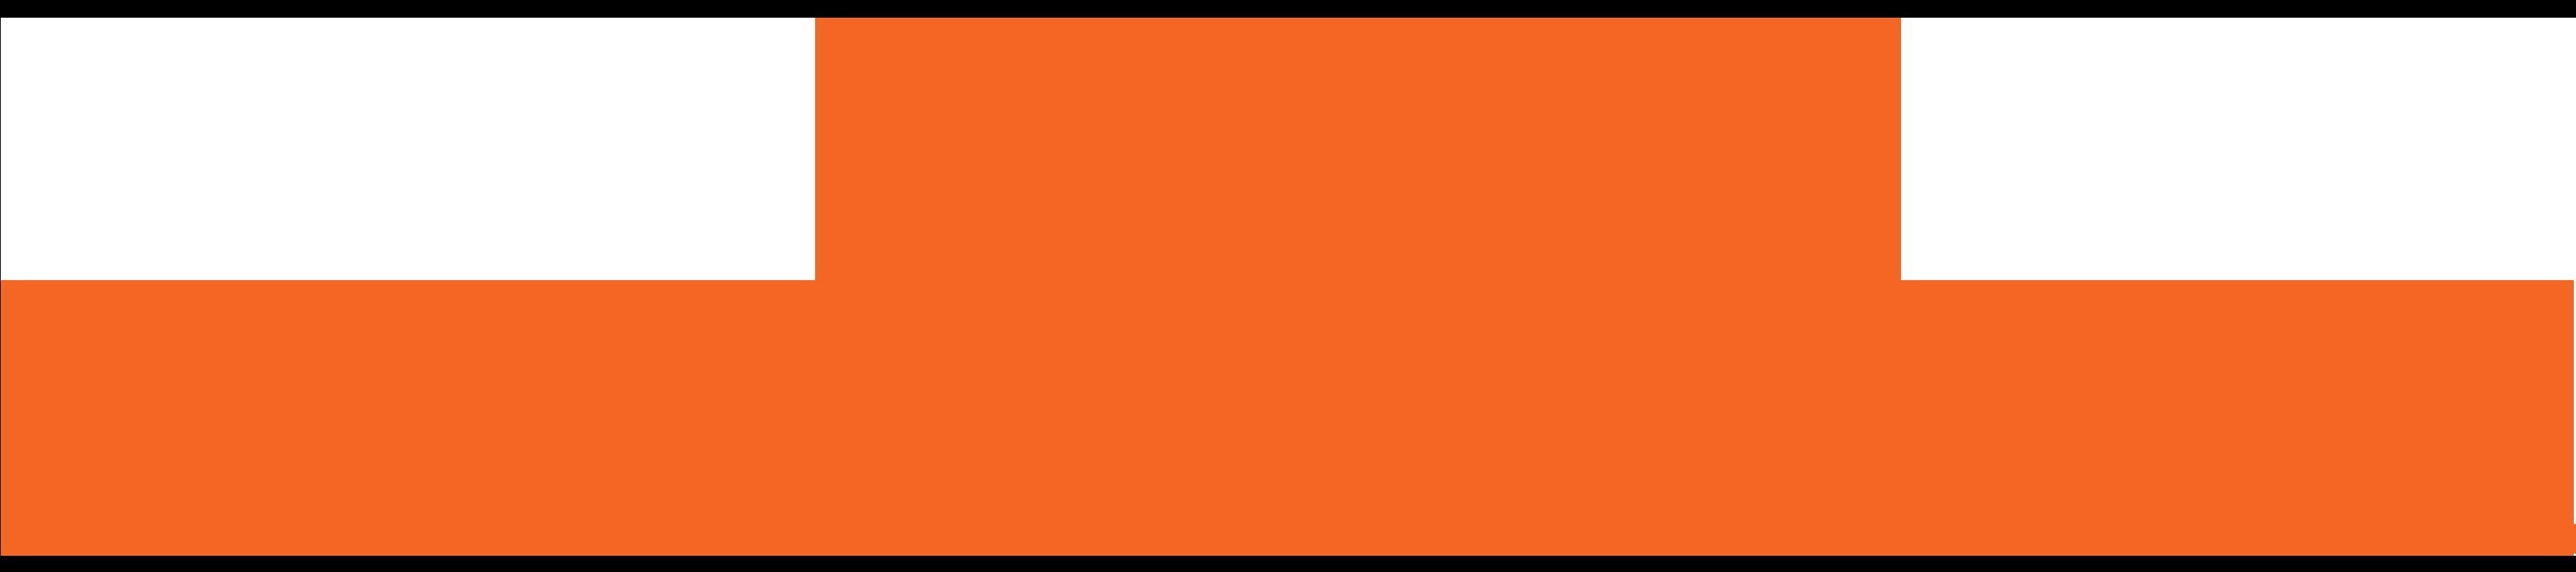 KierunekTrener.pl - Szkolenie video: marketingu i sprzedaży trenera personalnego